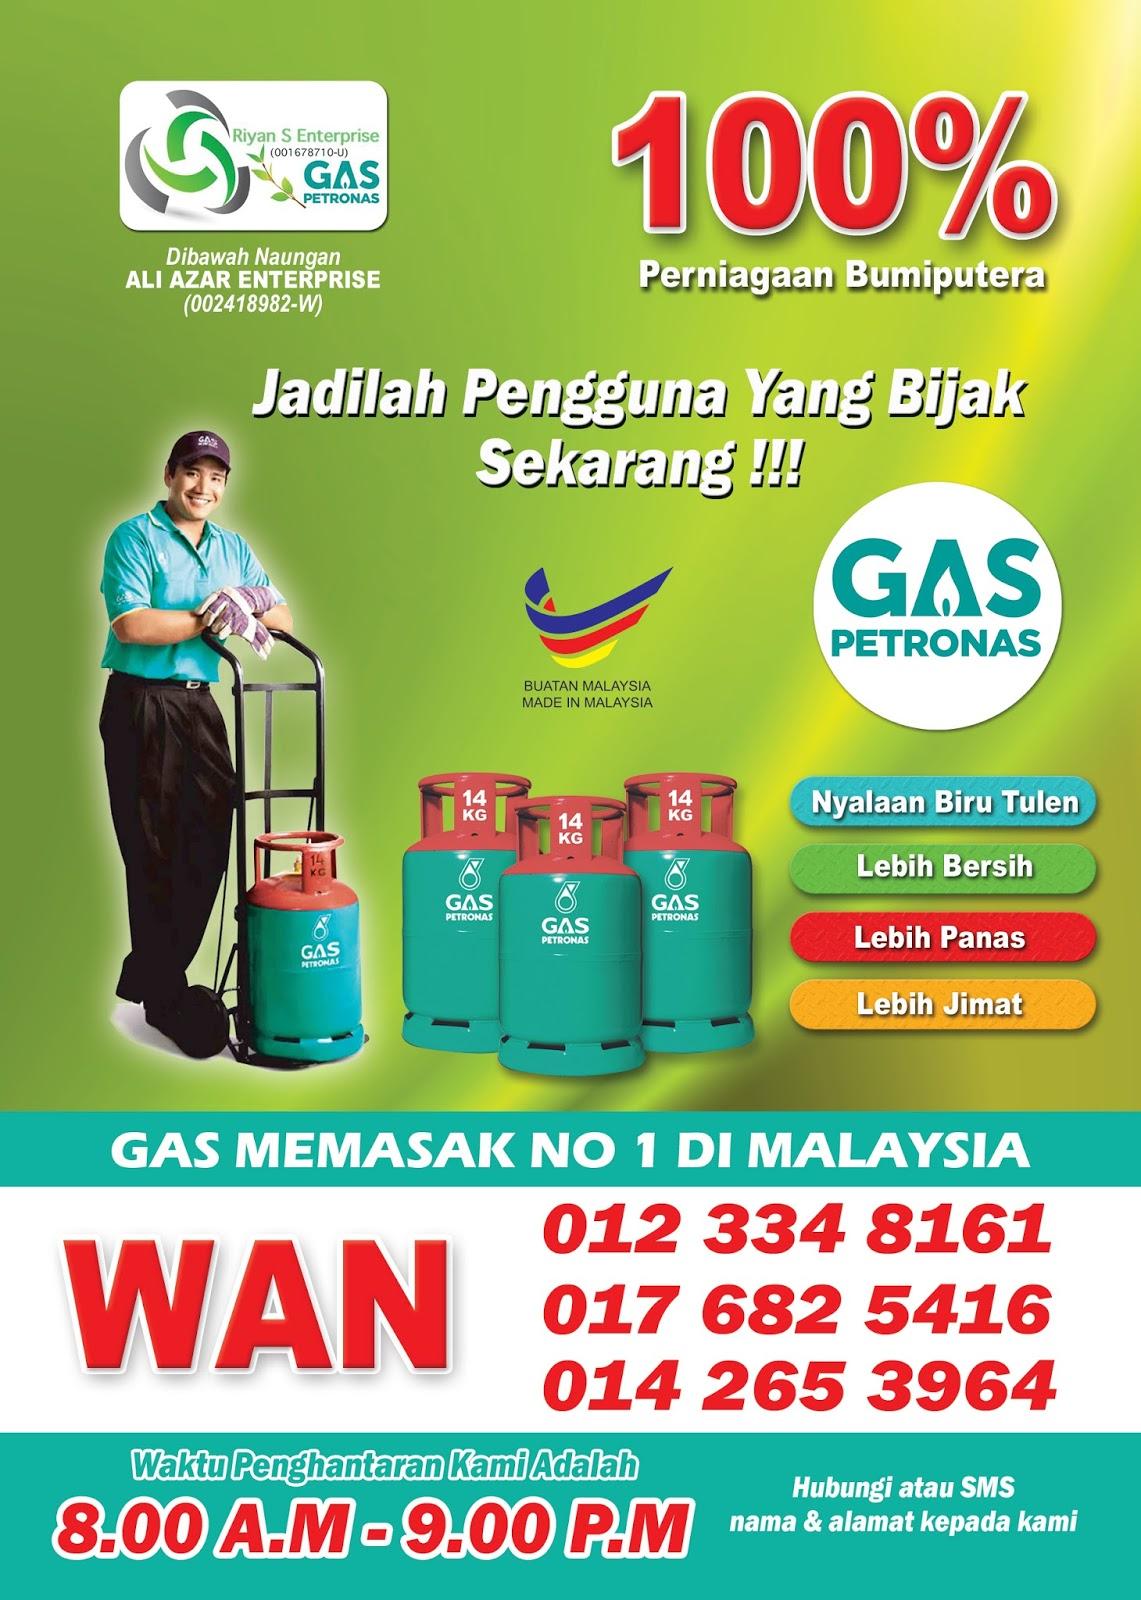 Gas Memasak Petronas